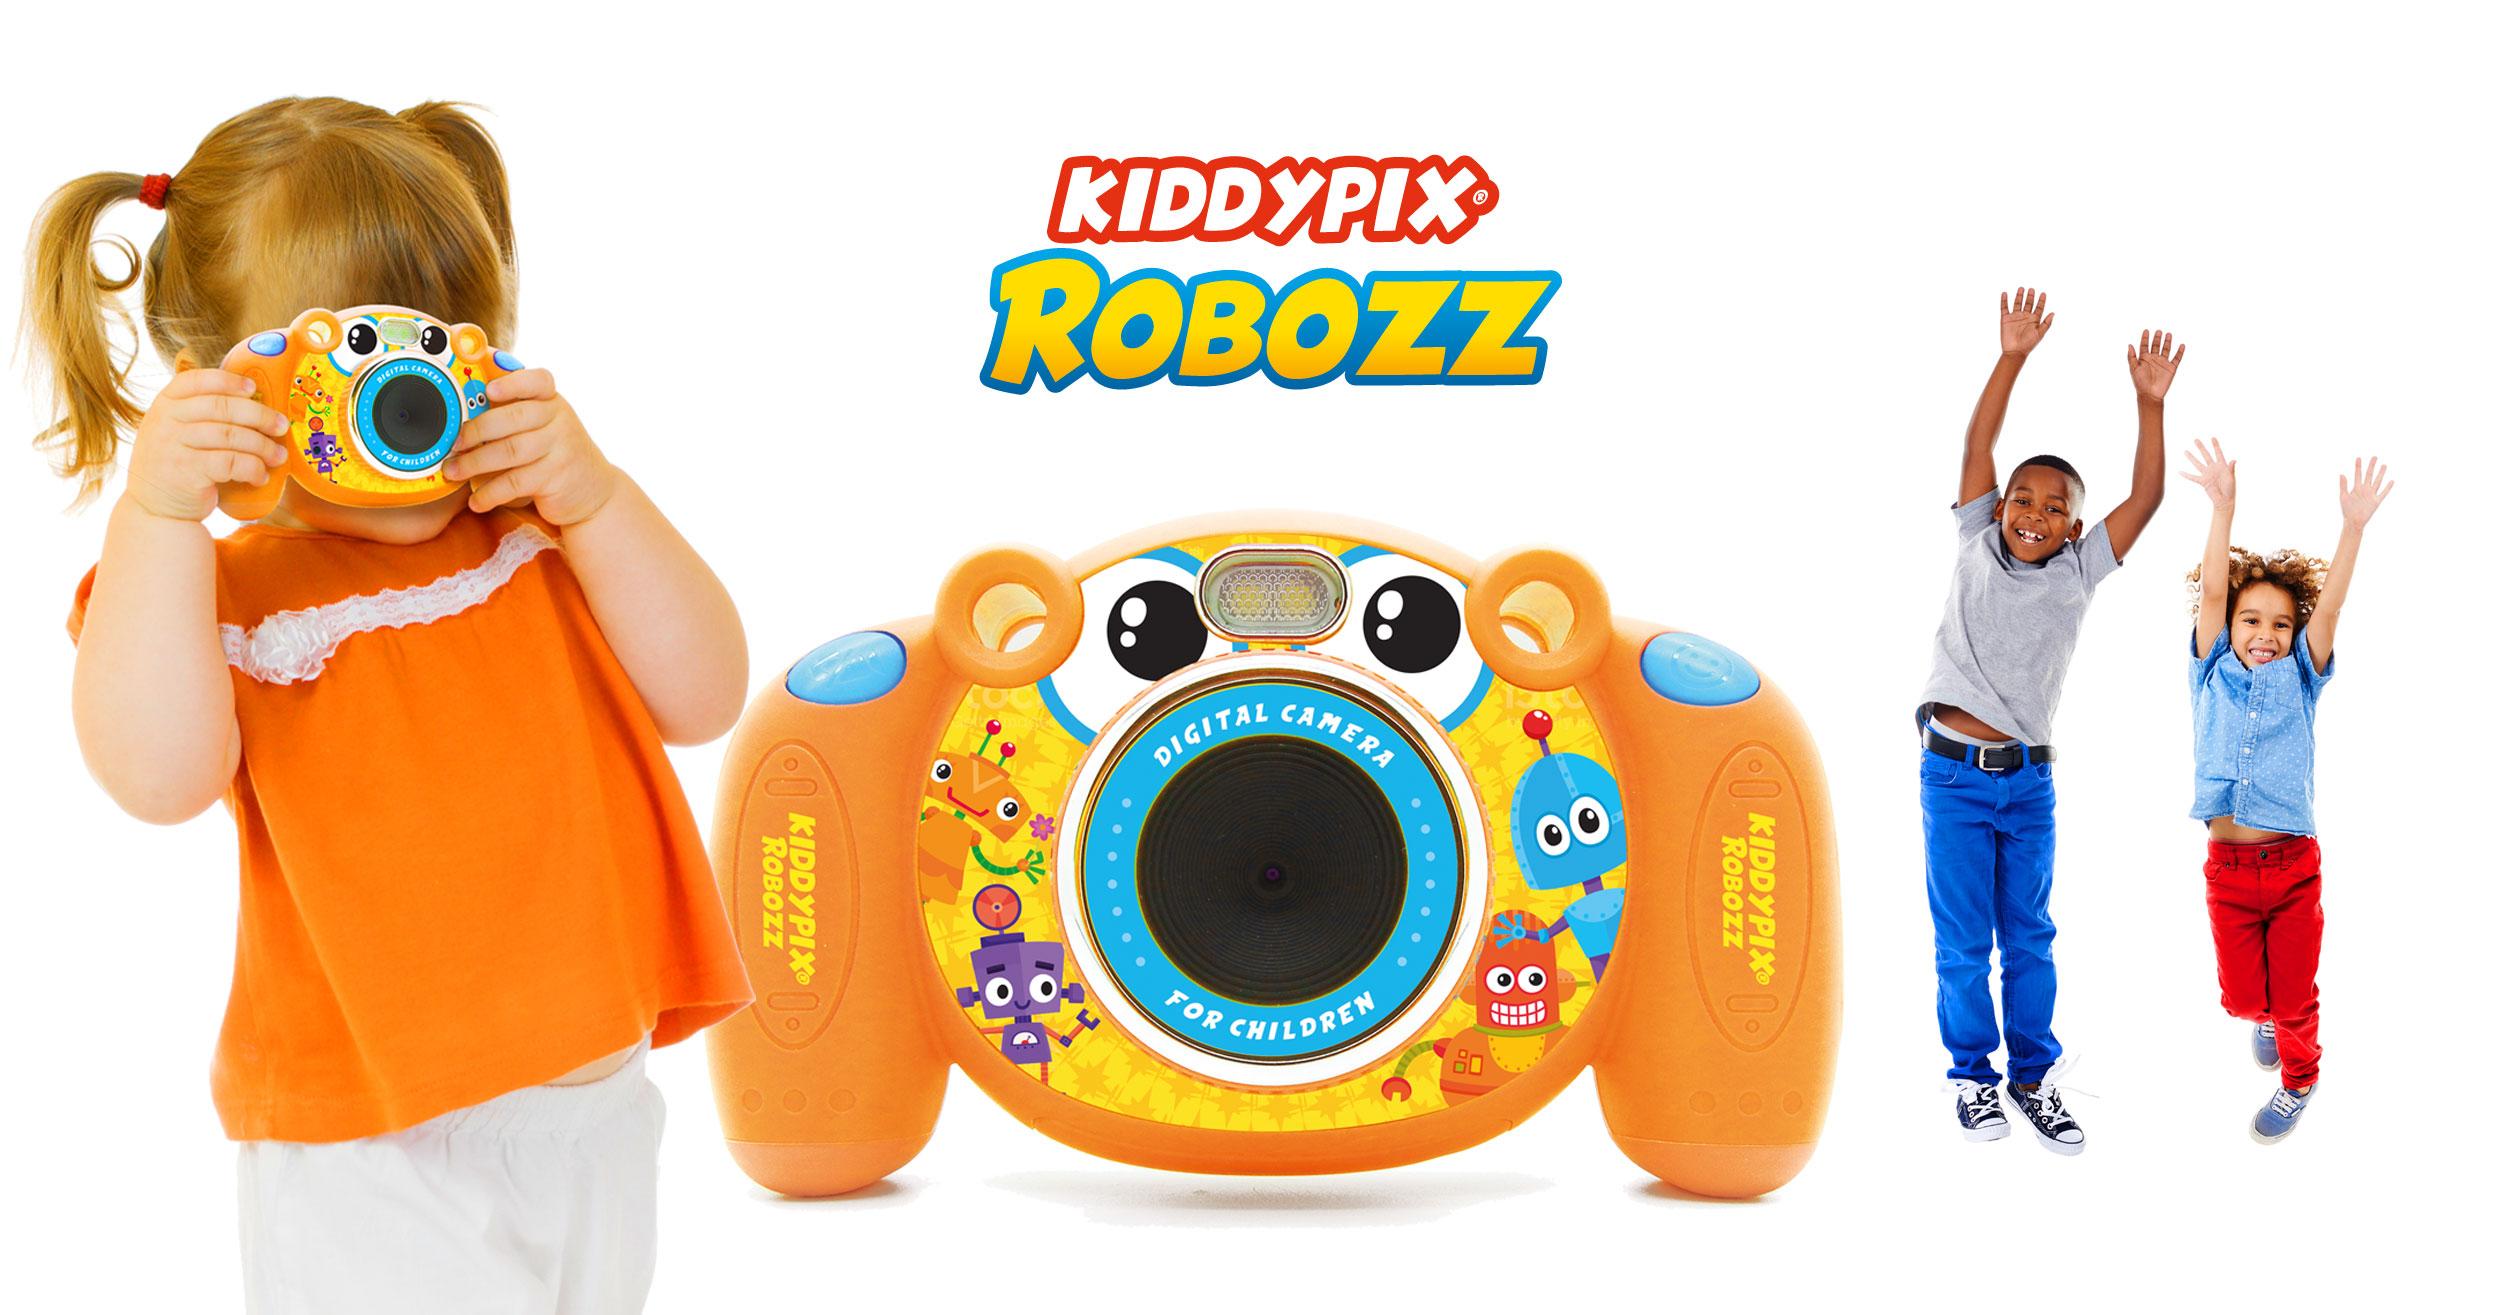 Kiddypix Robozz